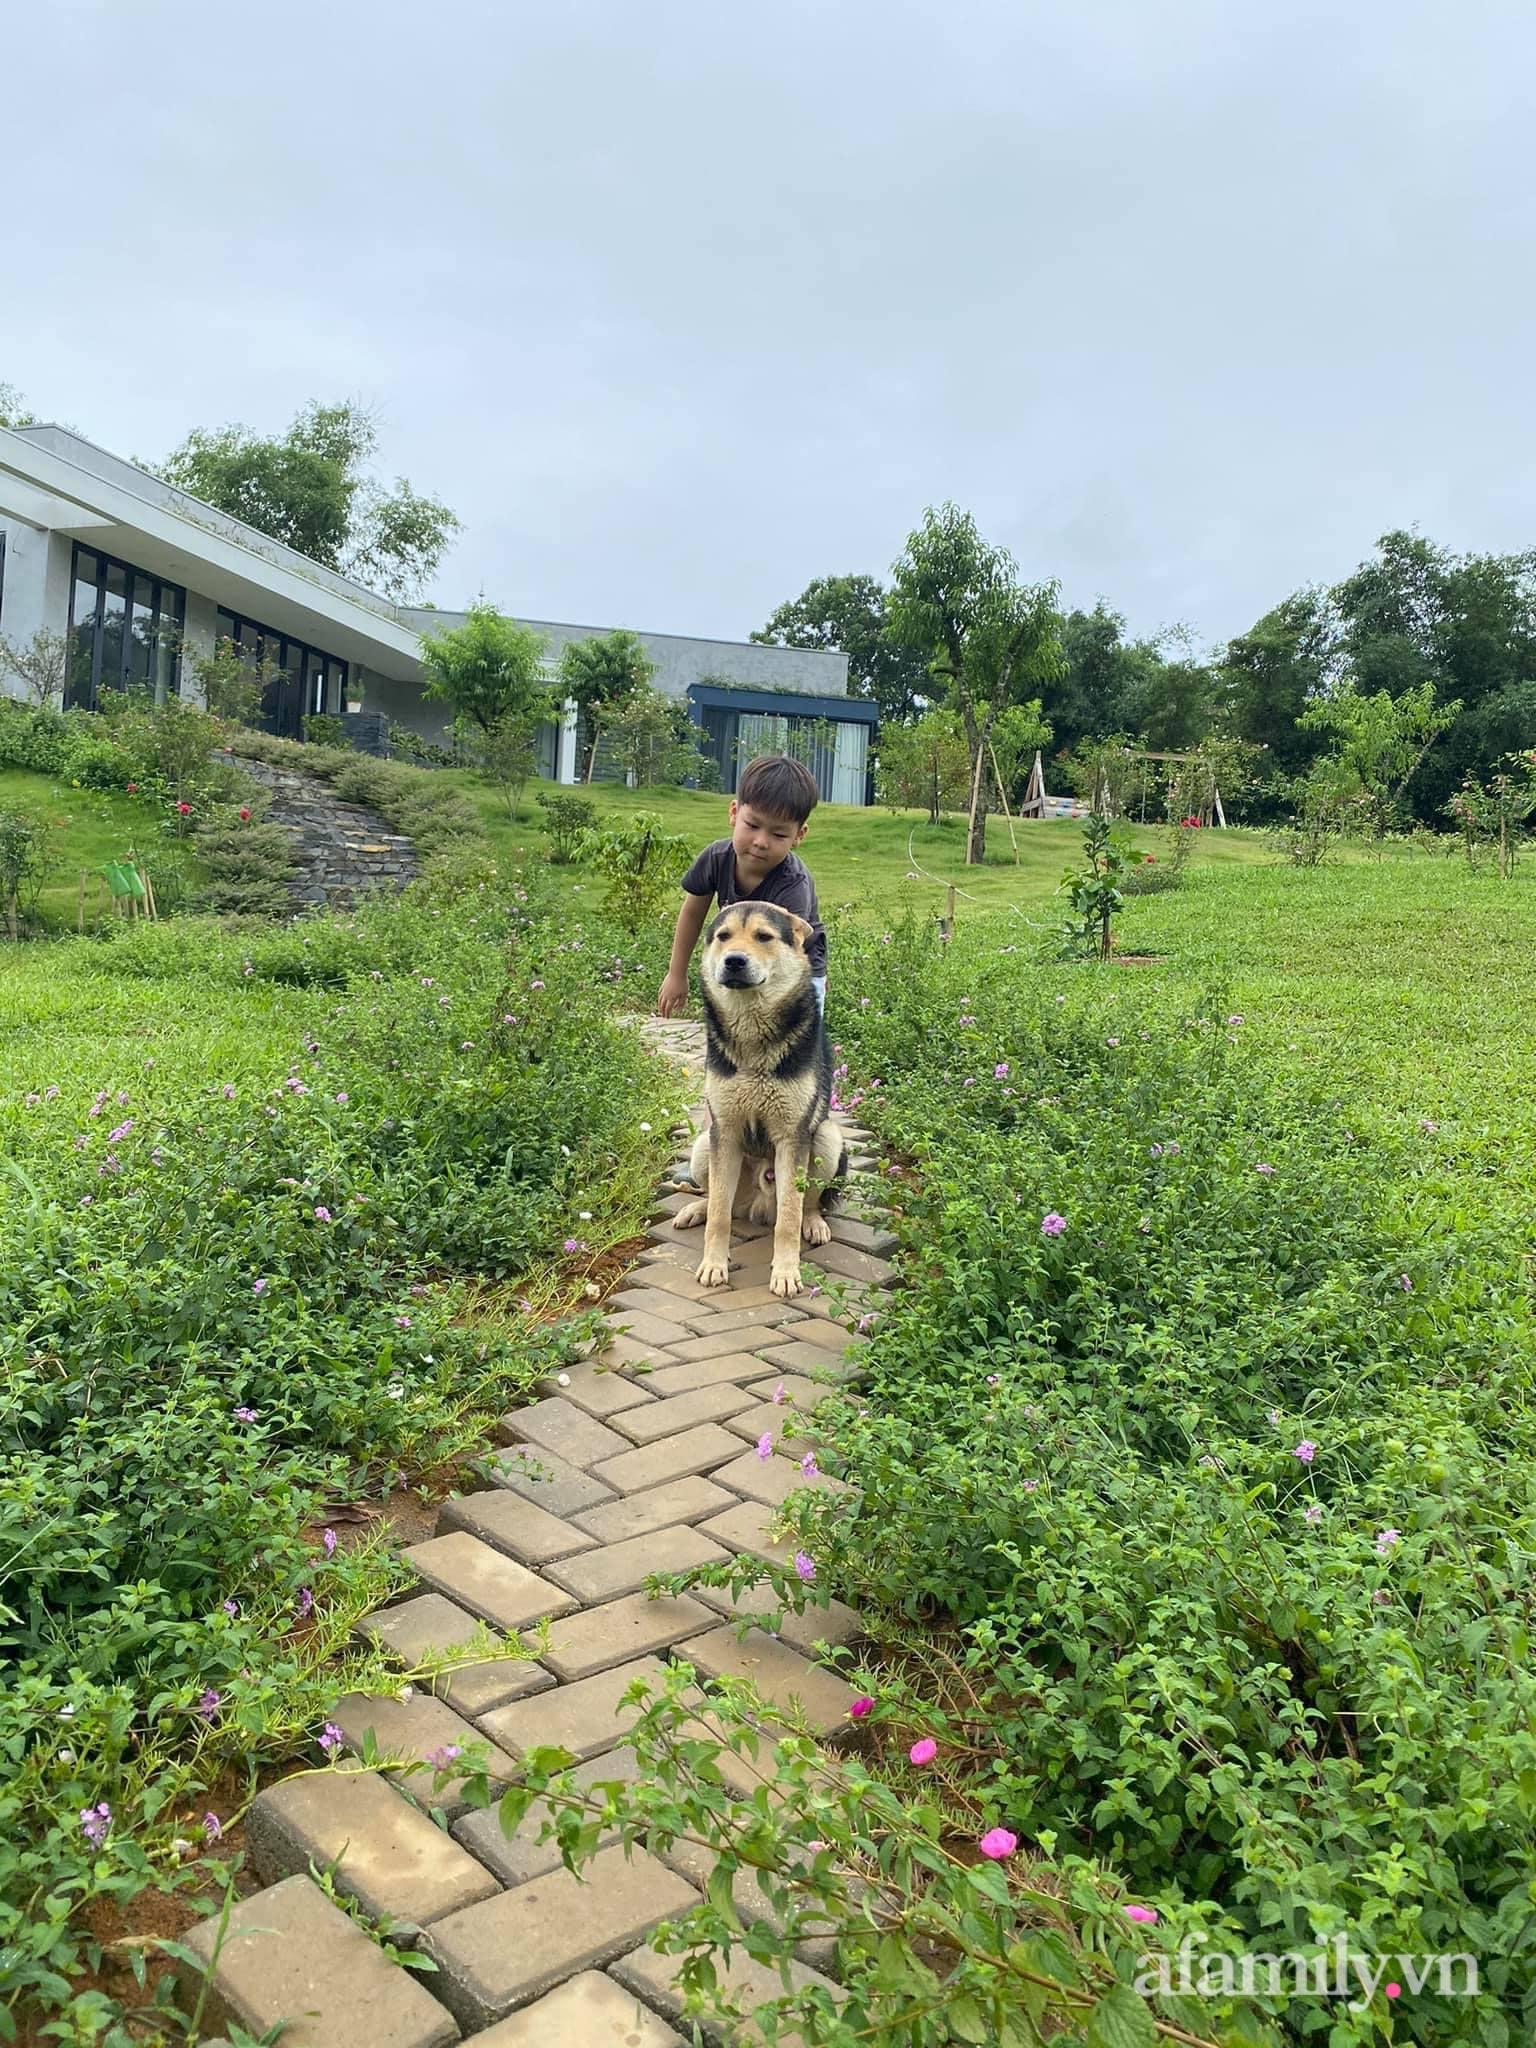 Căn nhà vườn trên núi đẹp an yên, tĩnh lặng với những xanh tươi đẹp đẽ ở ngoại thành Hà Nội - Ảnh 8.